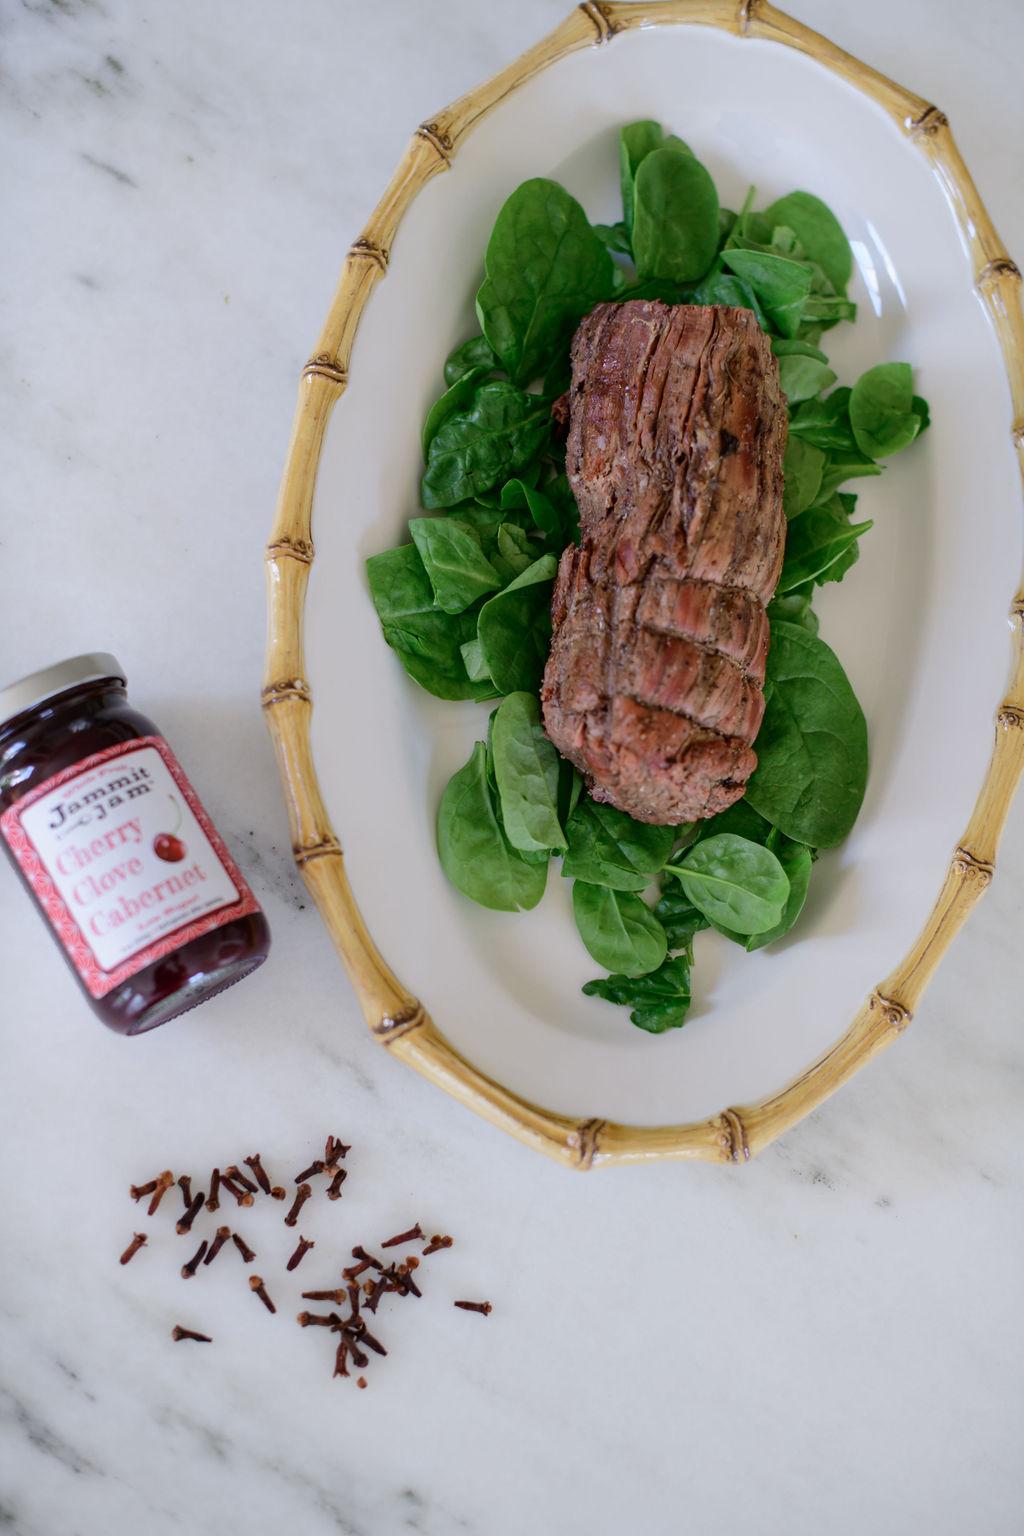 Cherry Clove Cabernet Glazed Beef Tenderloin